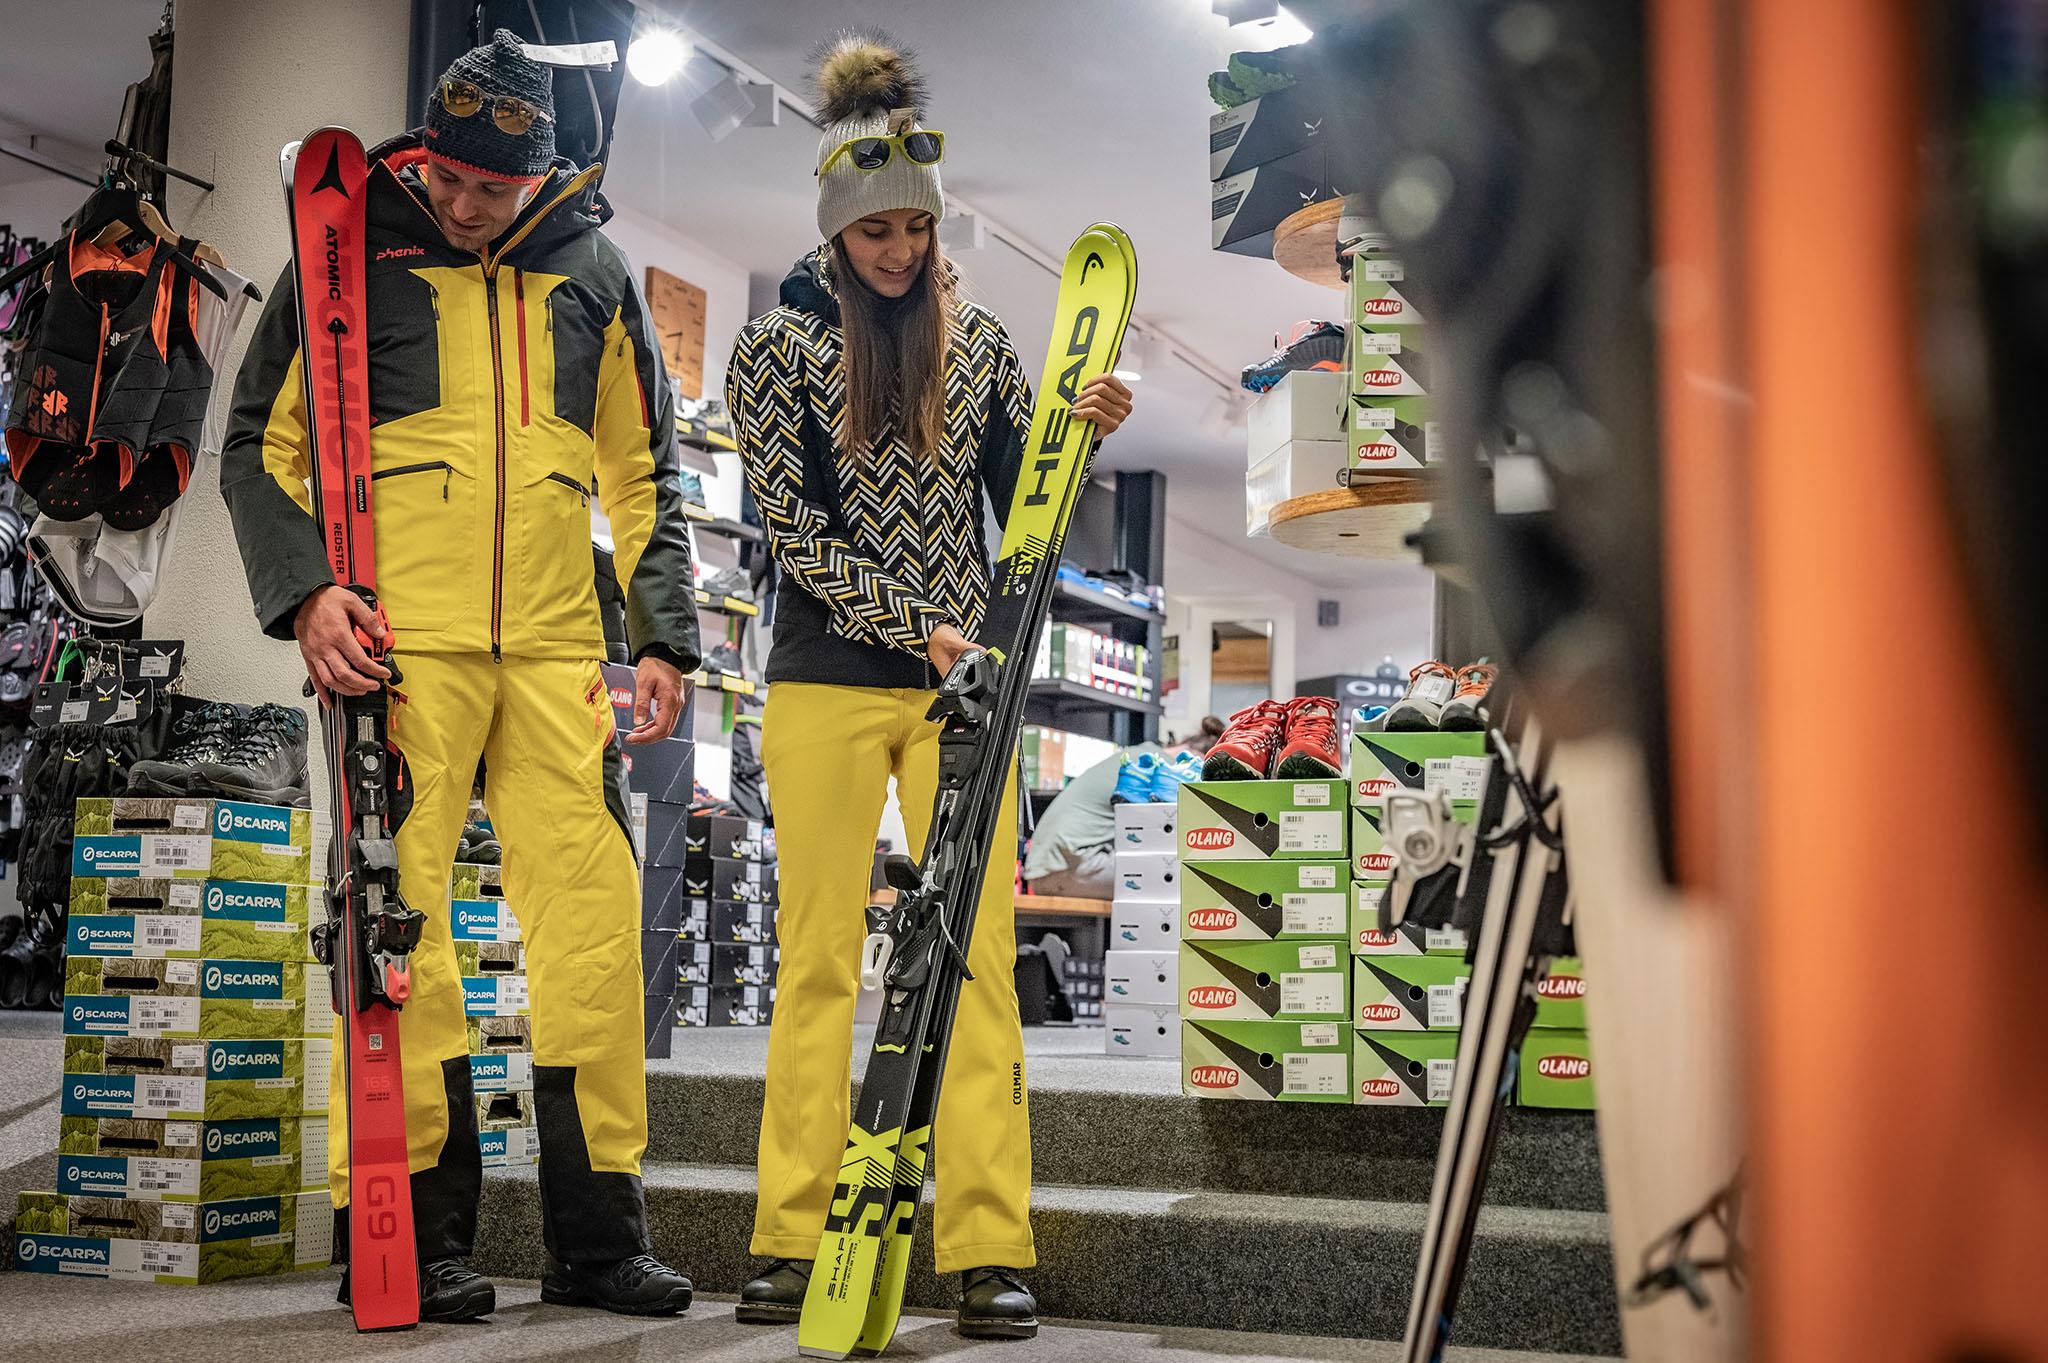 skiverleih-ski-leihen